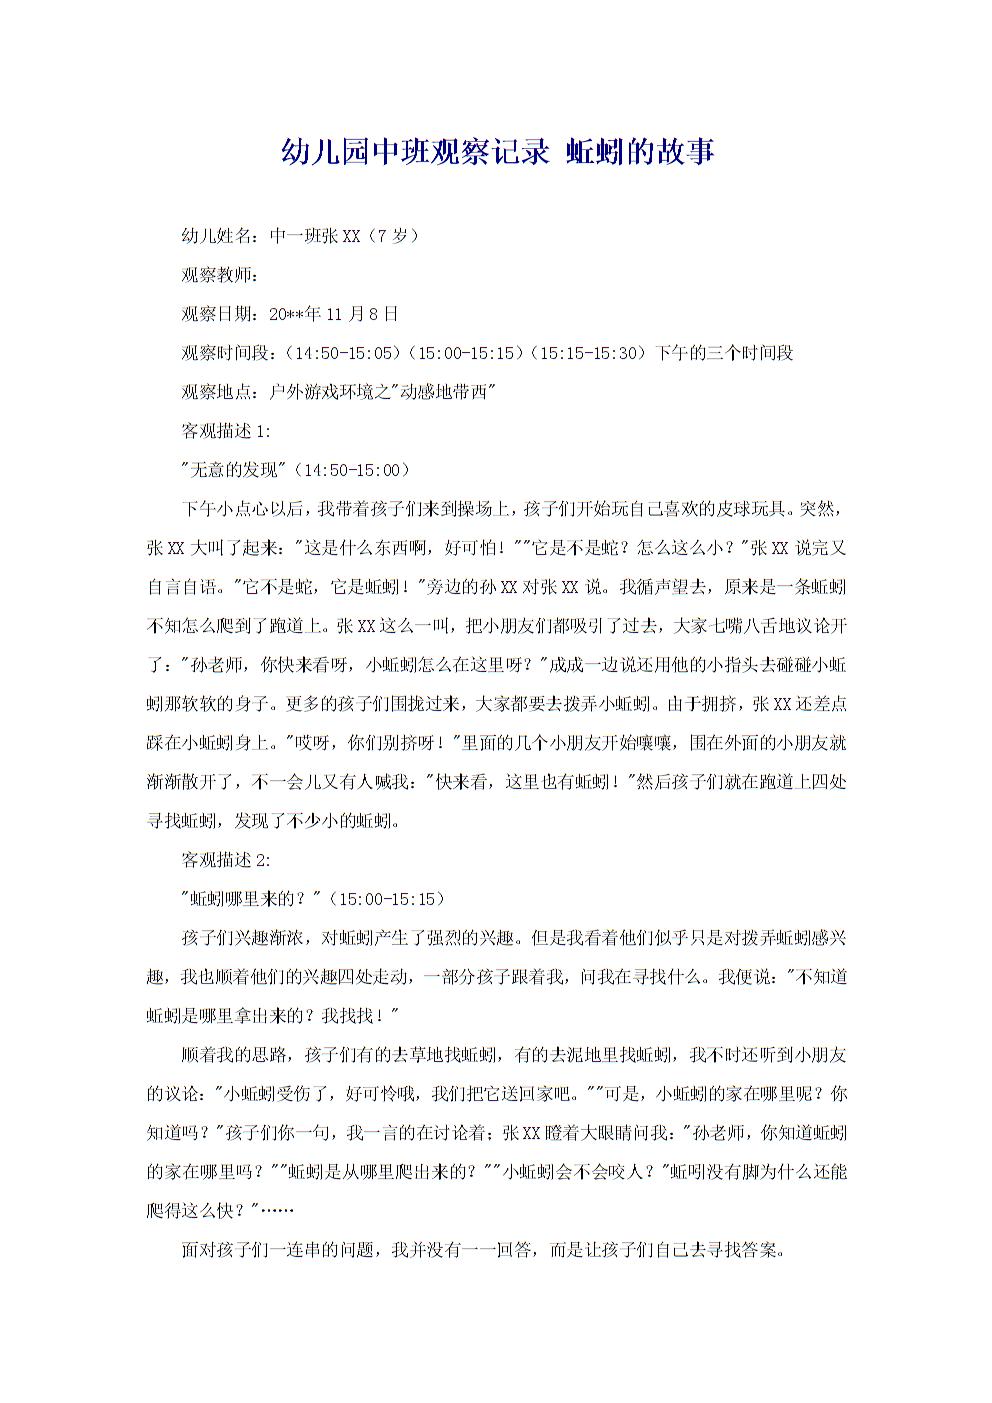 幼儿园中班观察记录 蚯蚓的故事.doc